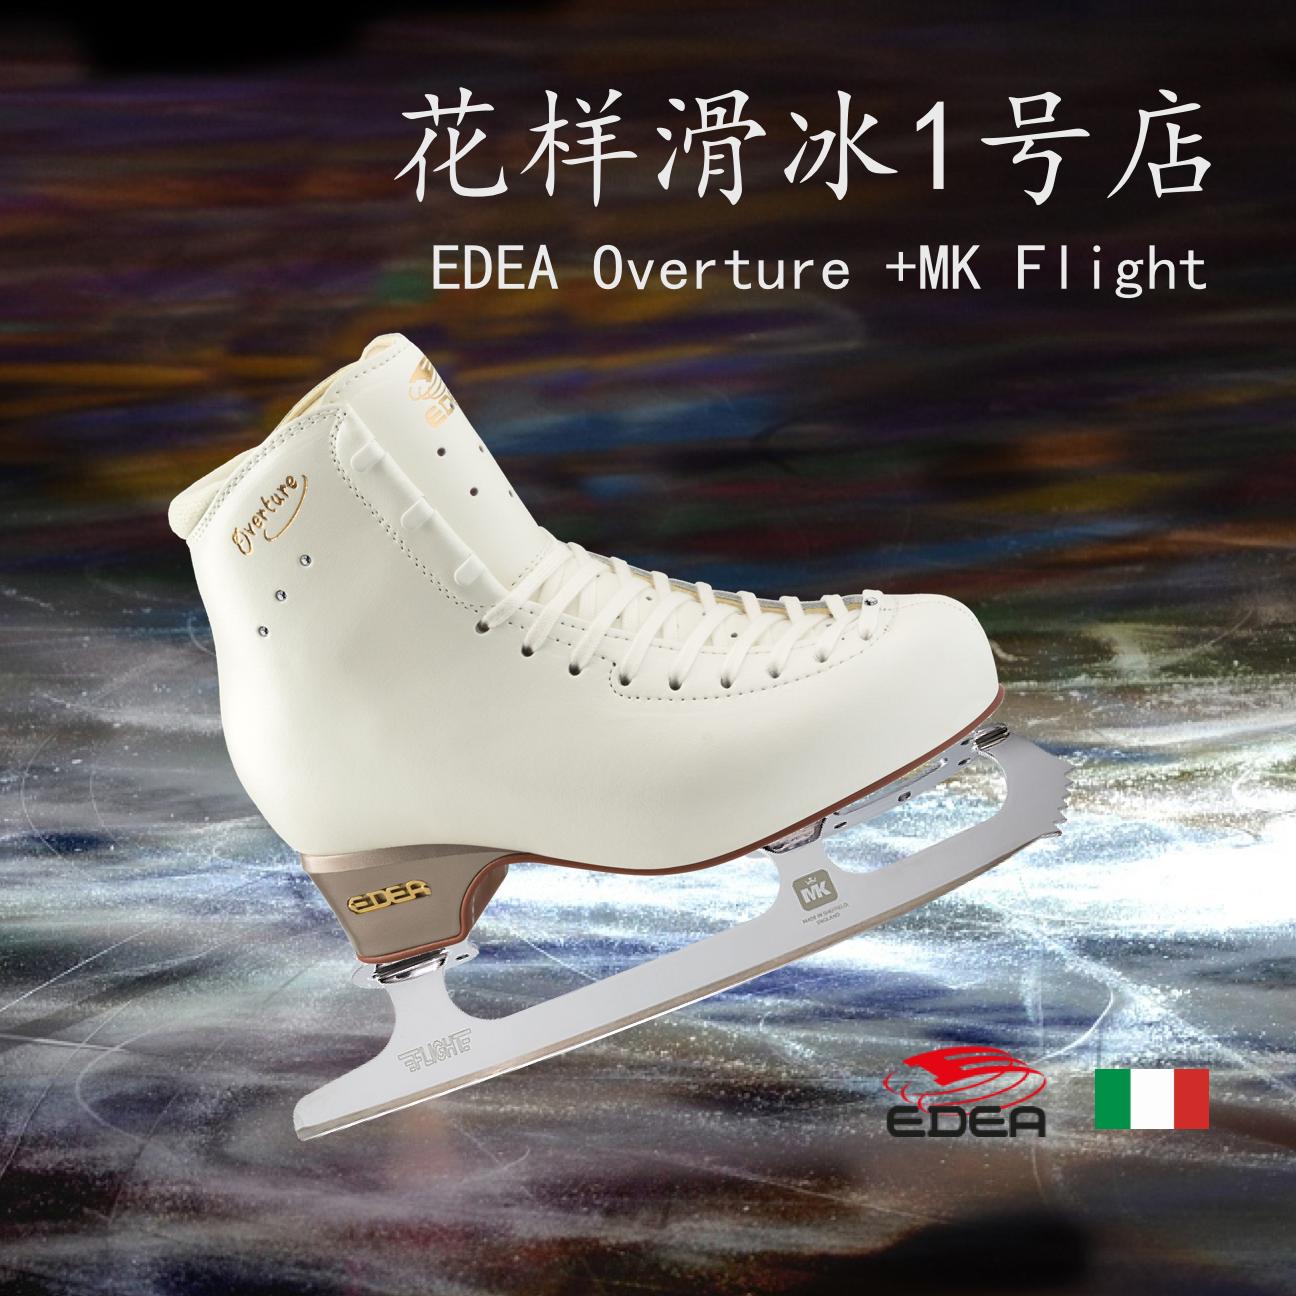 【花樣滑冰1號店】義大利 Edea冰刀鞋三星overture+mk flight/pro